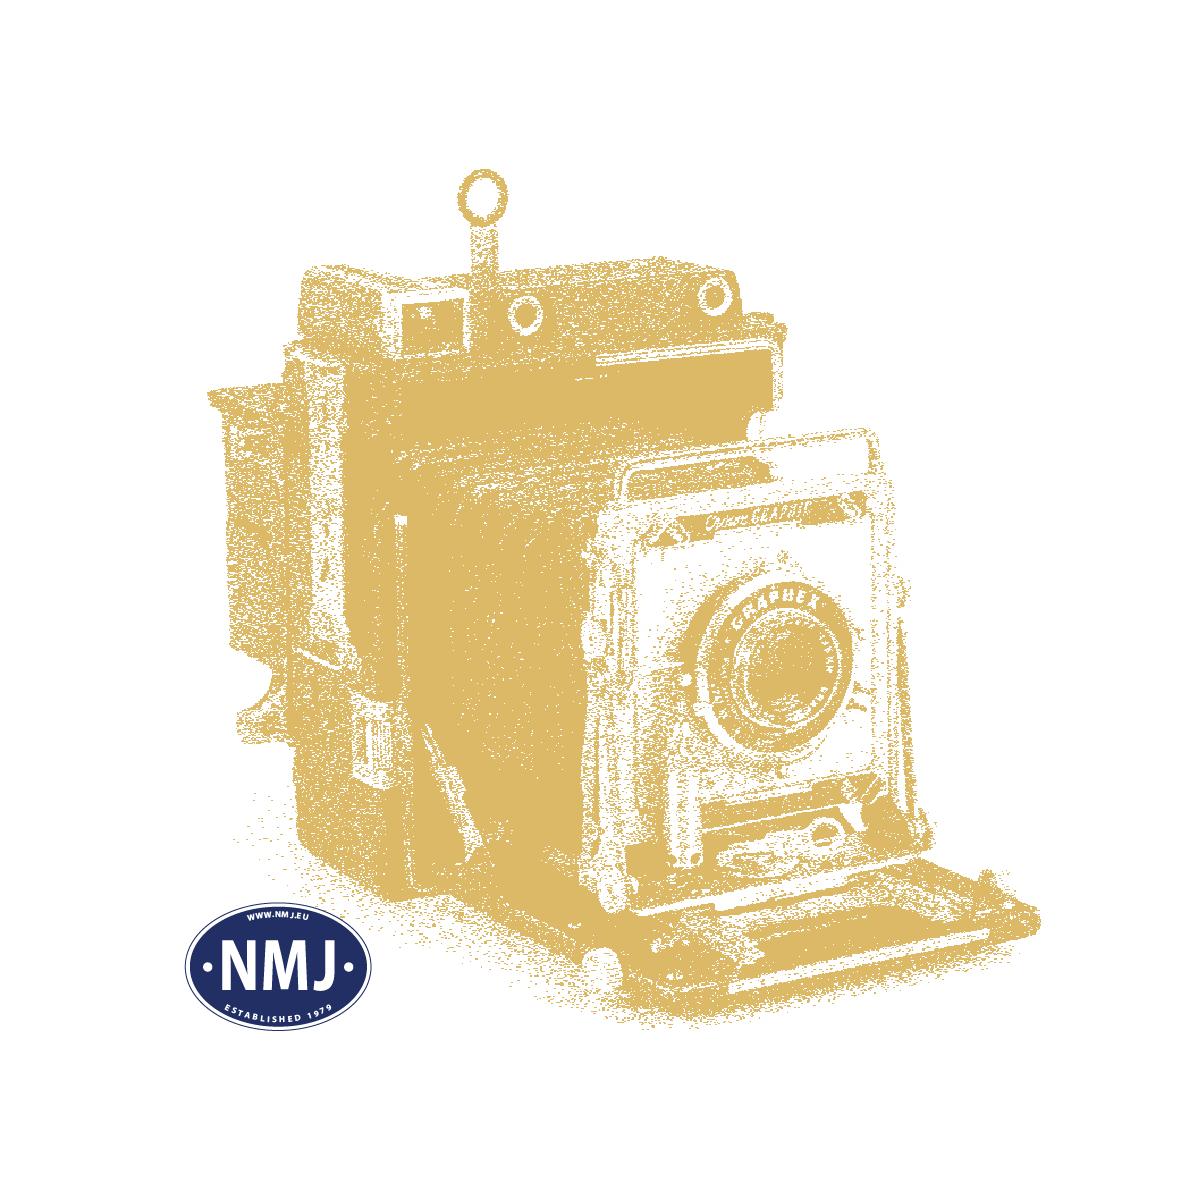 NOC15478 - Fotgjengere